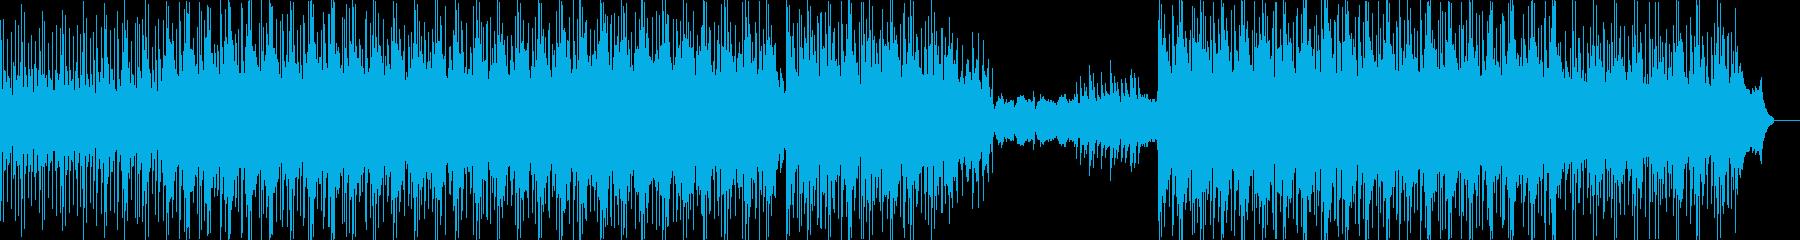 ロードラムのボサノバ、シンセパッド...の再生済みの波形